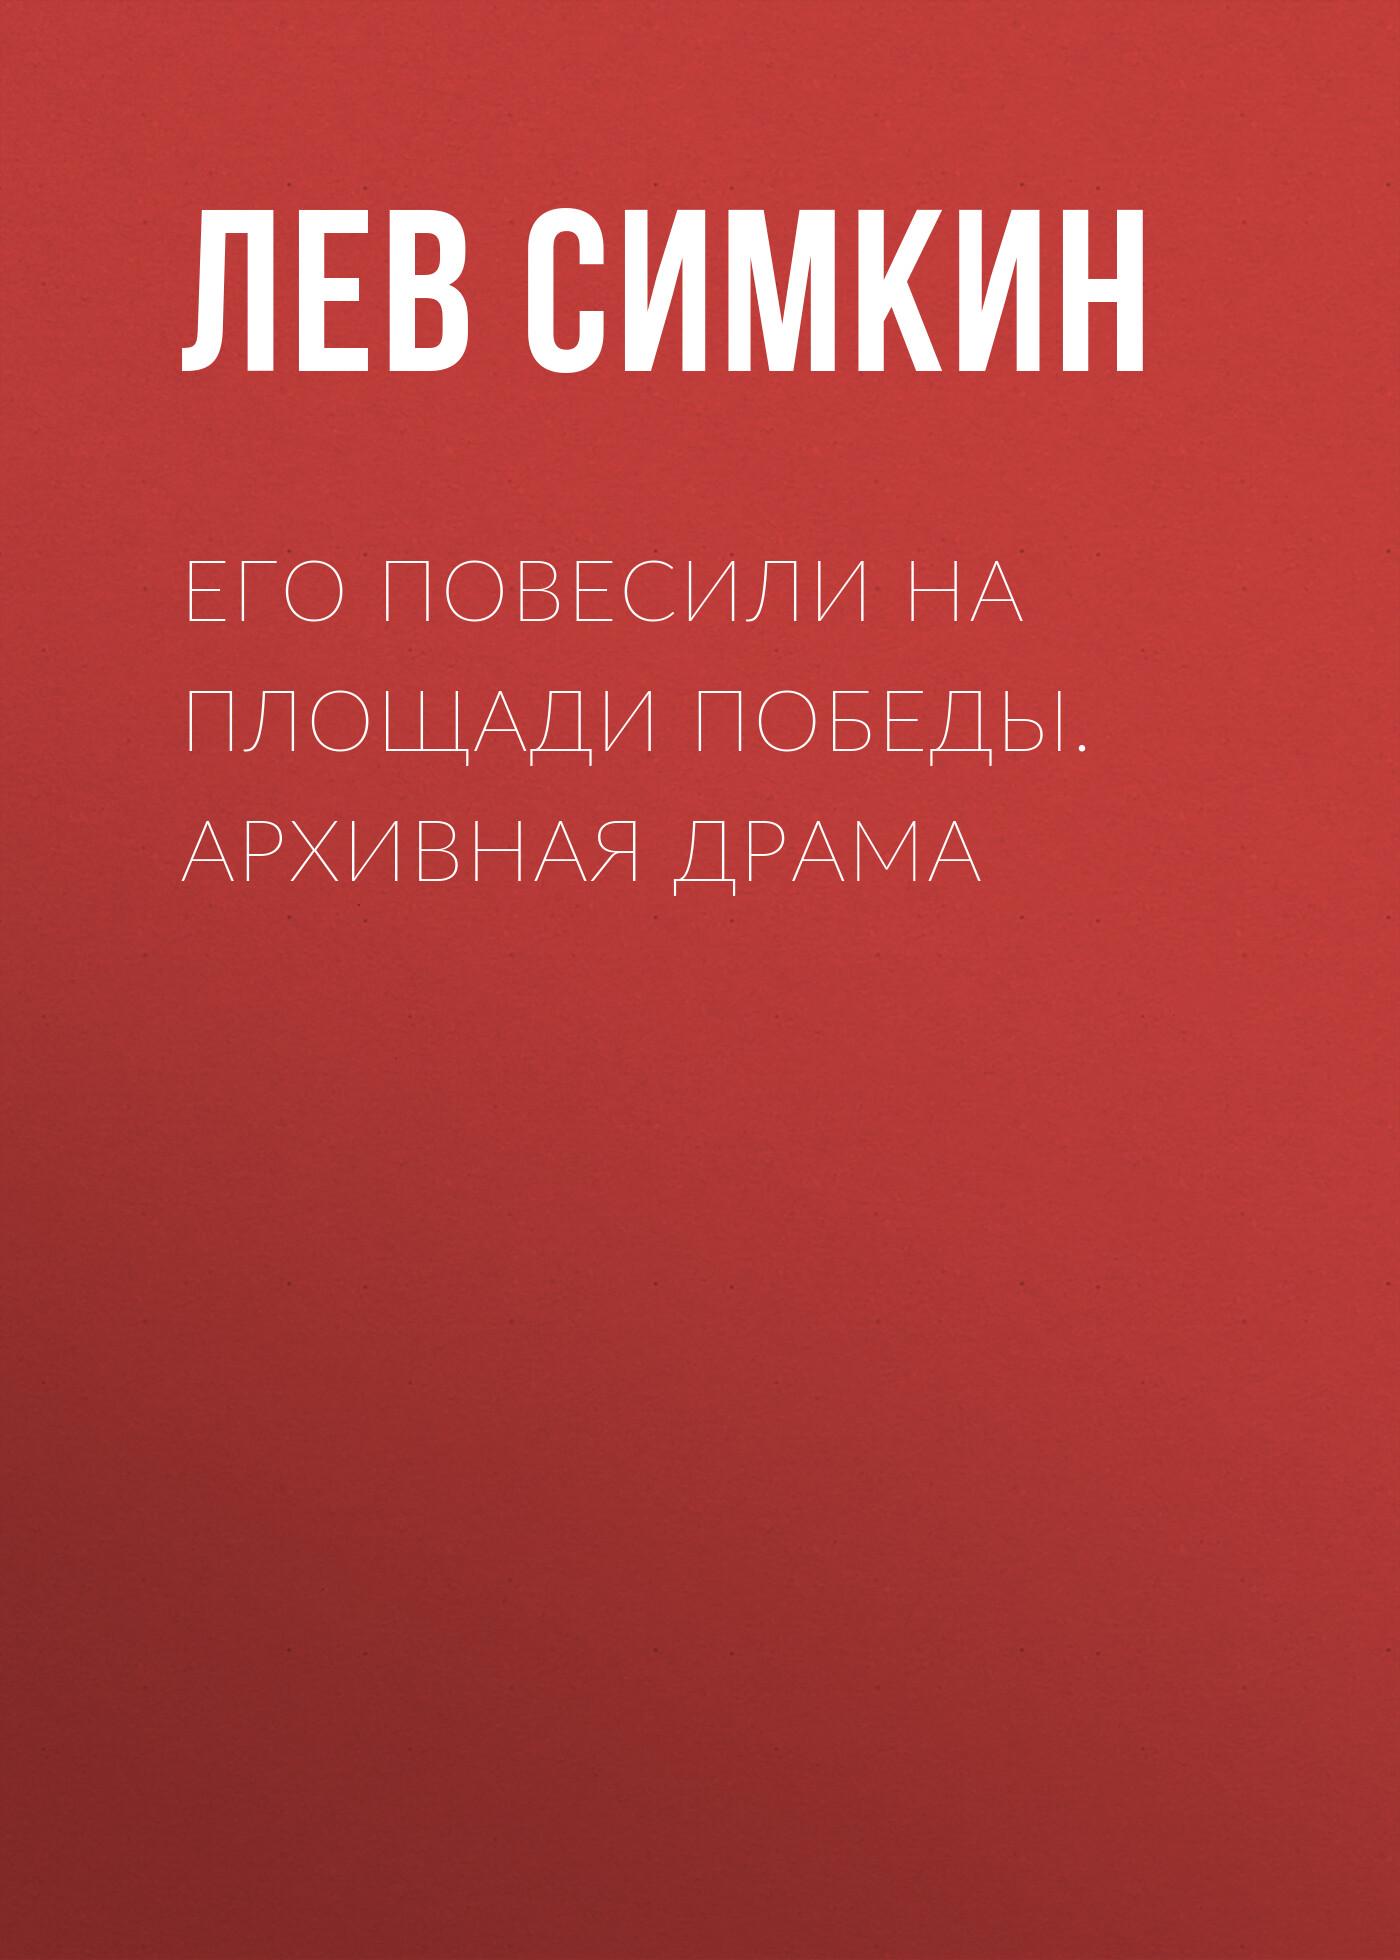 Лев Симкин Его повесили на площади Победы. Архивная драма симкин в акция